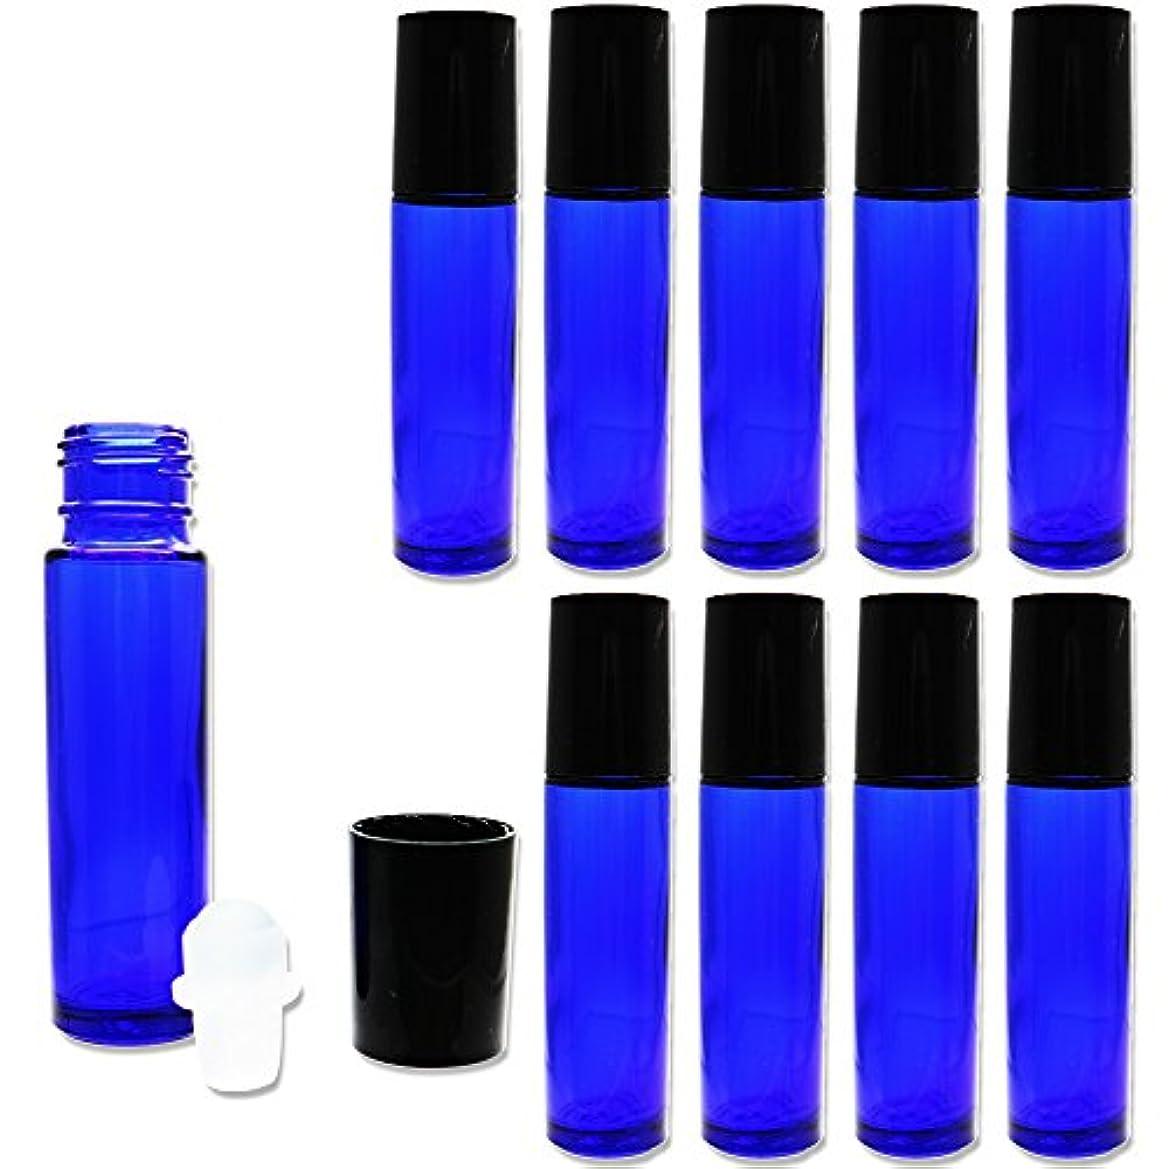 謎たとえコインSolid Value ロールオンボトル アロマオイル ガラスロール 詰め替え 遮光瓶 (10ml 10本セット)